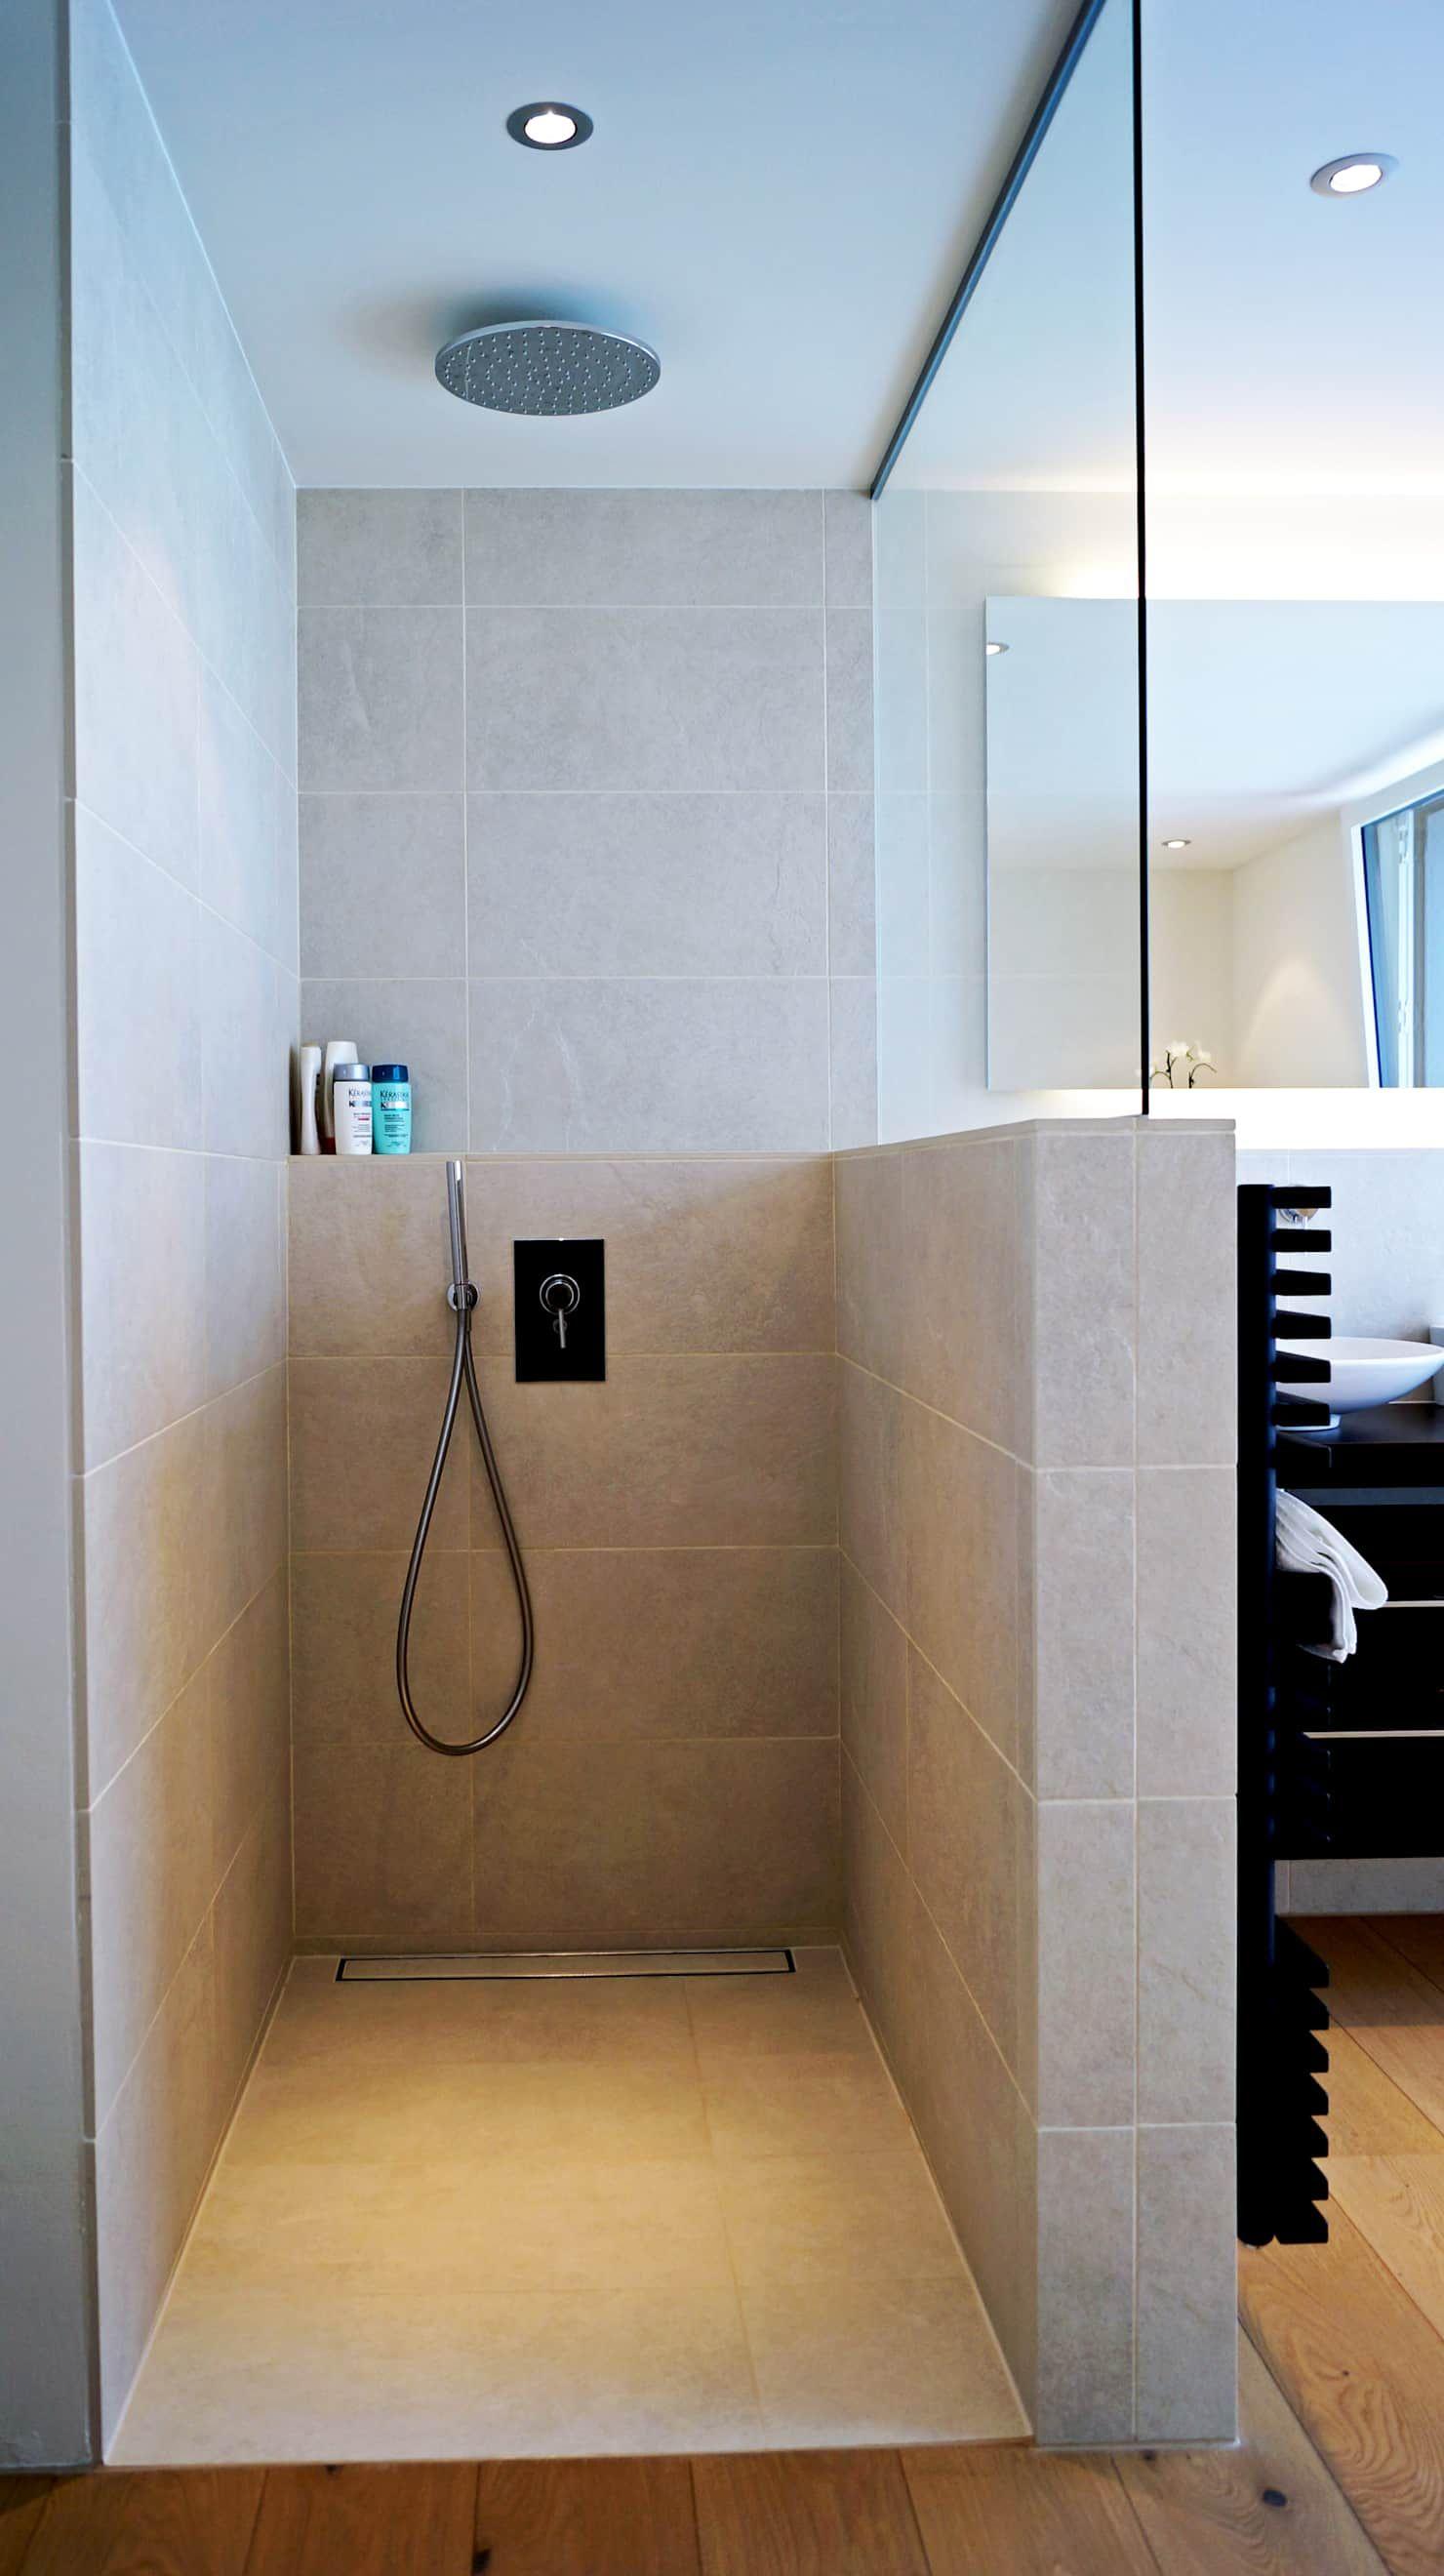 Efh oberwil-lieli moderne badezimmer von füglistaller architekten ag modern | homify #modernegärten